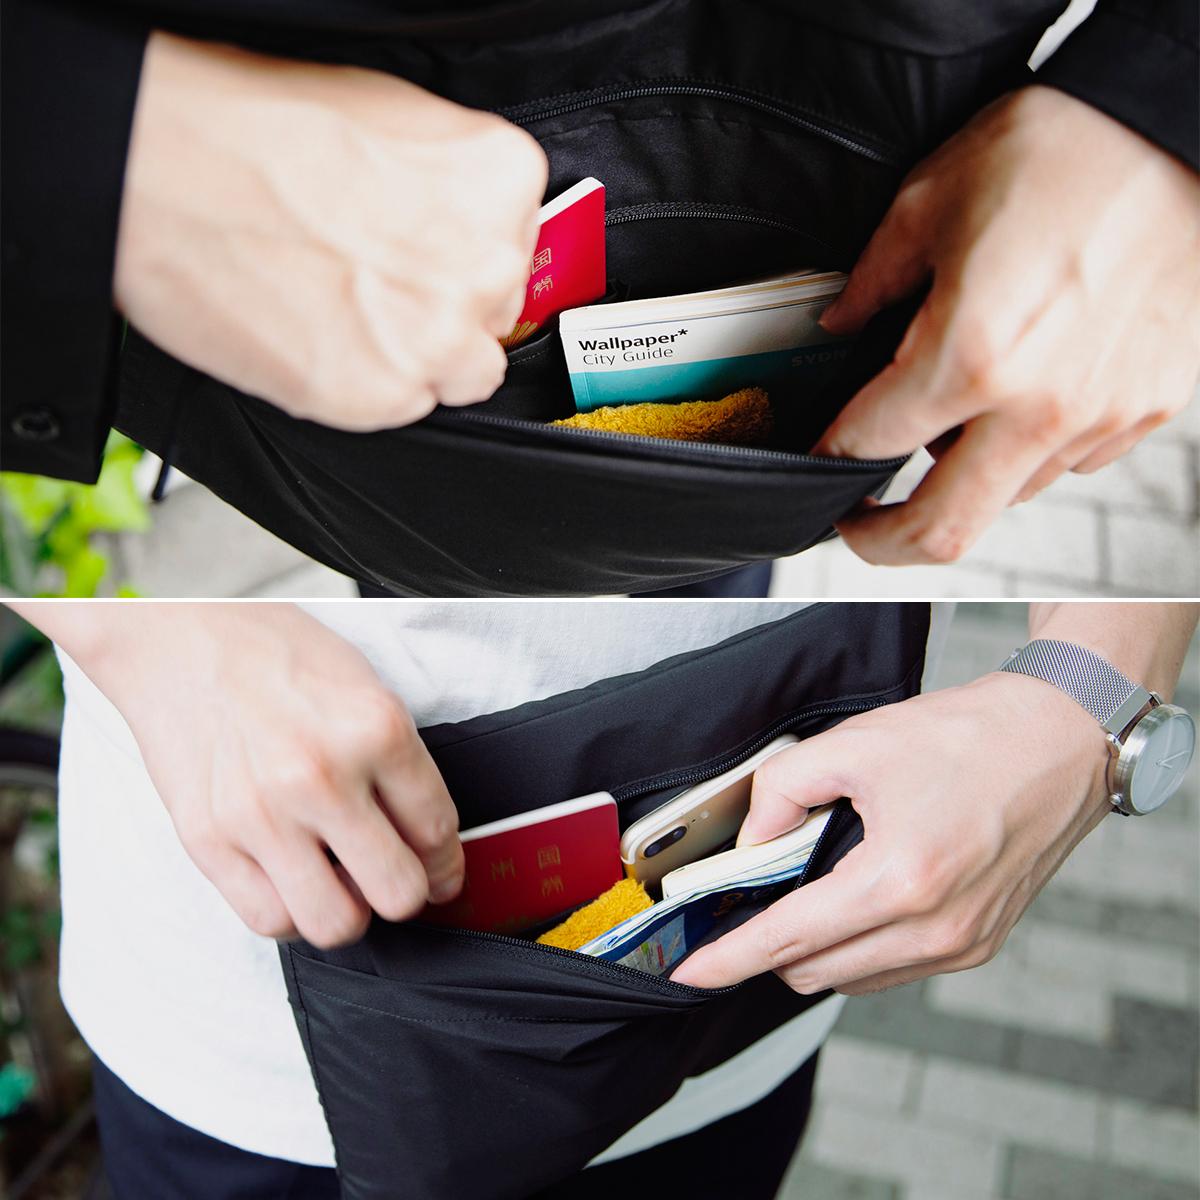 一番のこだわりの「そのままポケット」構造。荷物の入れ替え不要の収納構造の「バッグ一体型パーカー」| SANYO ENJIN